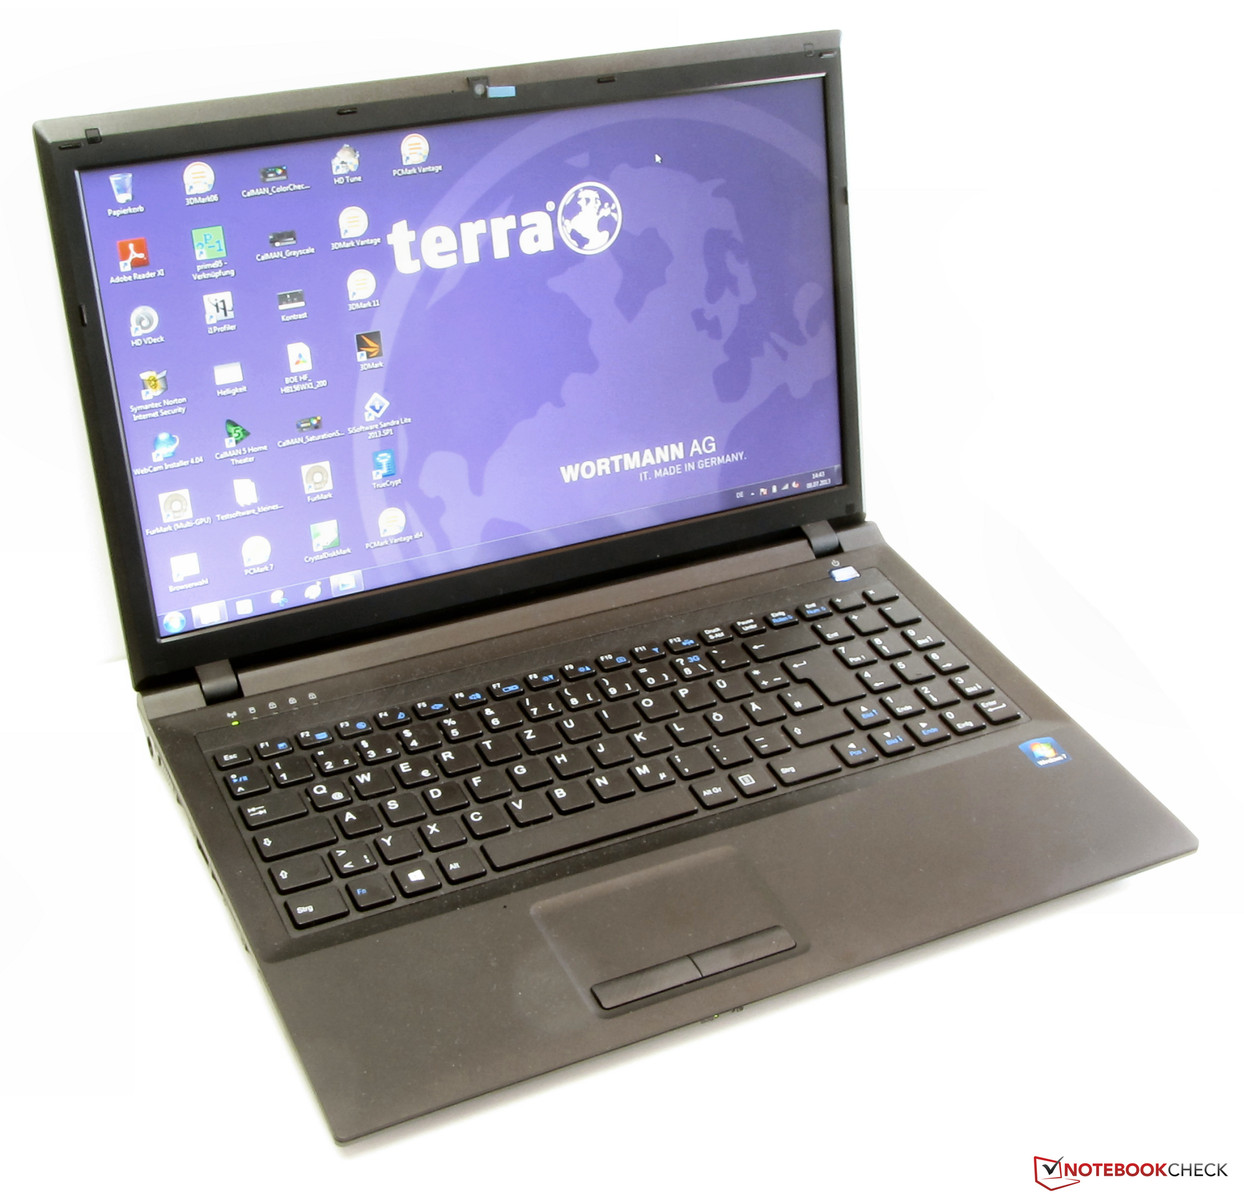 Verrassend Test Wortmann Terra Mobile 1512 Notebook - Notebookcheck.com Tests EQ-75